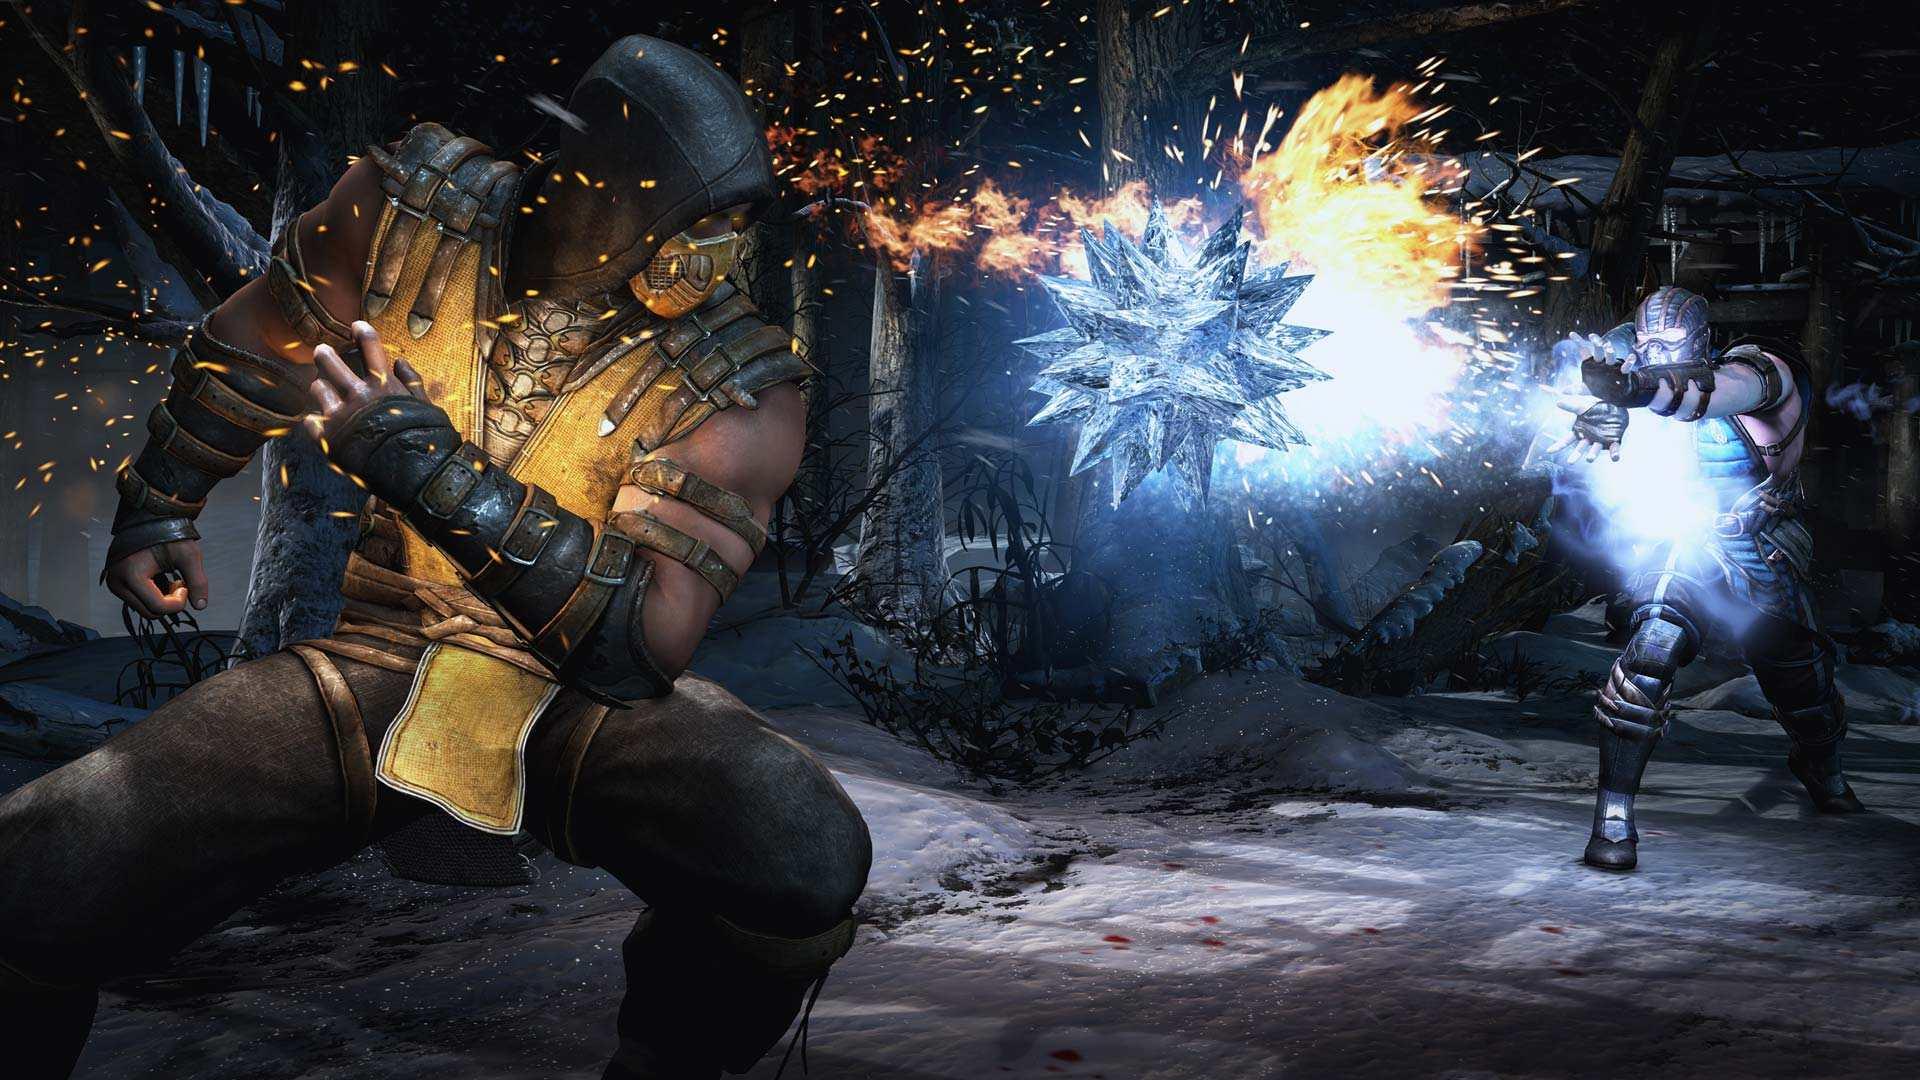 [PC] Rilasciata la nuova patch per la versione PC di Mortal Kombat X